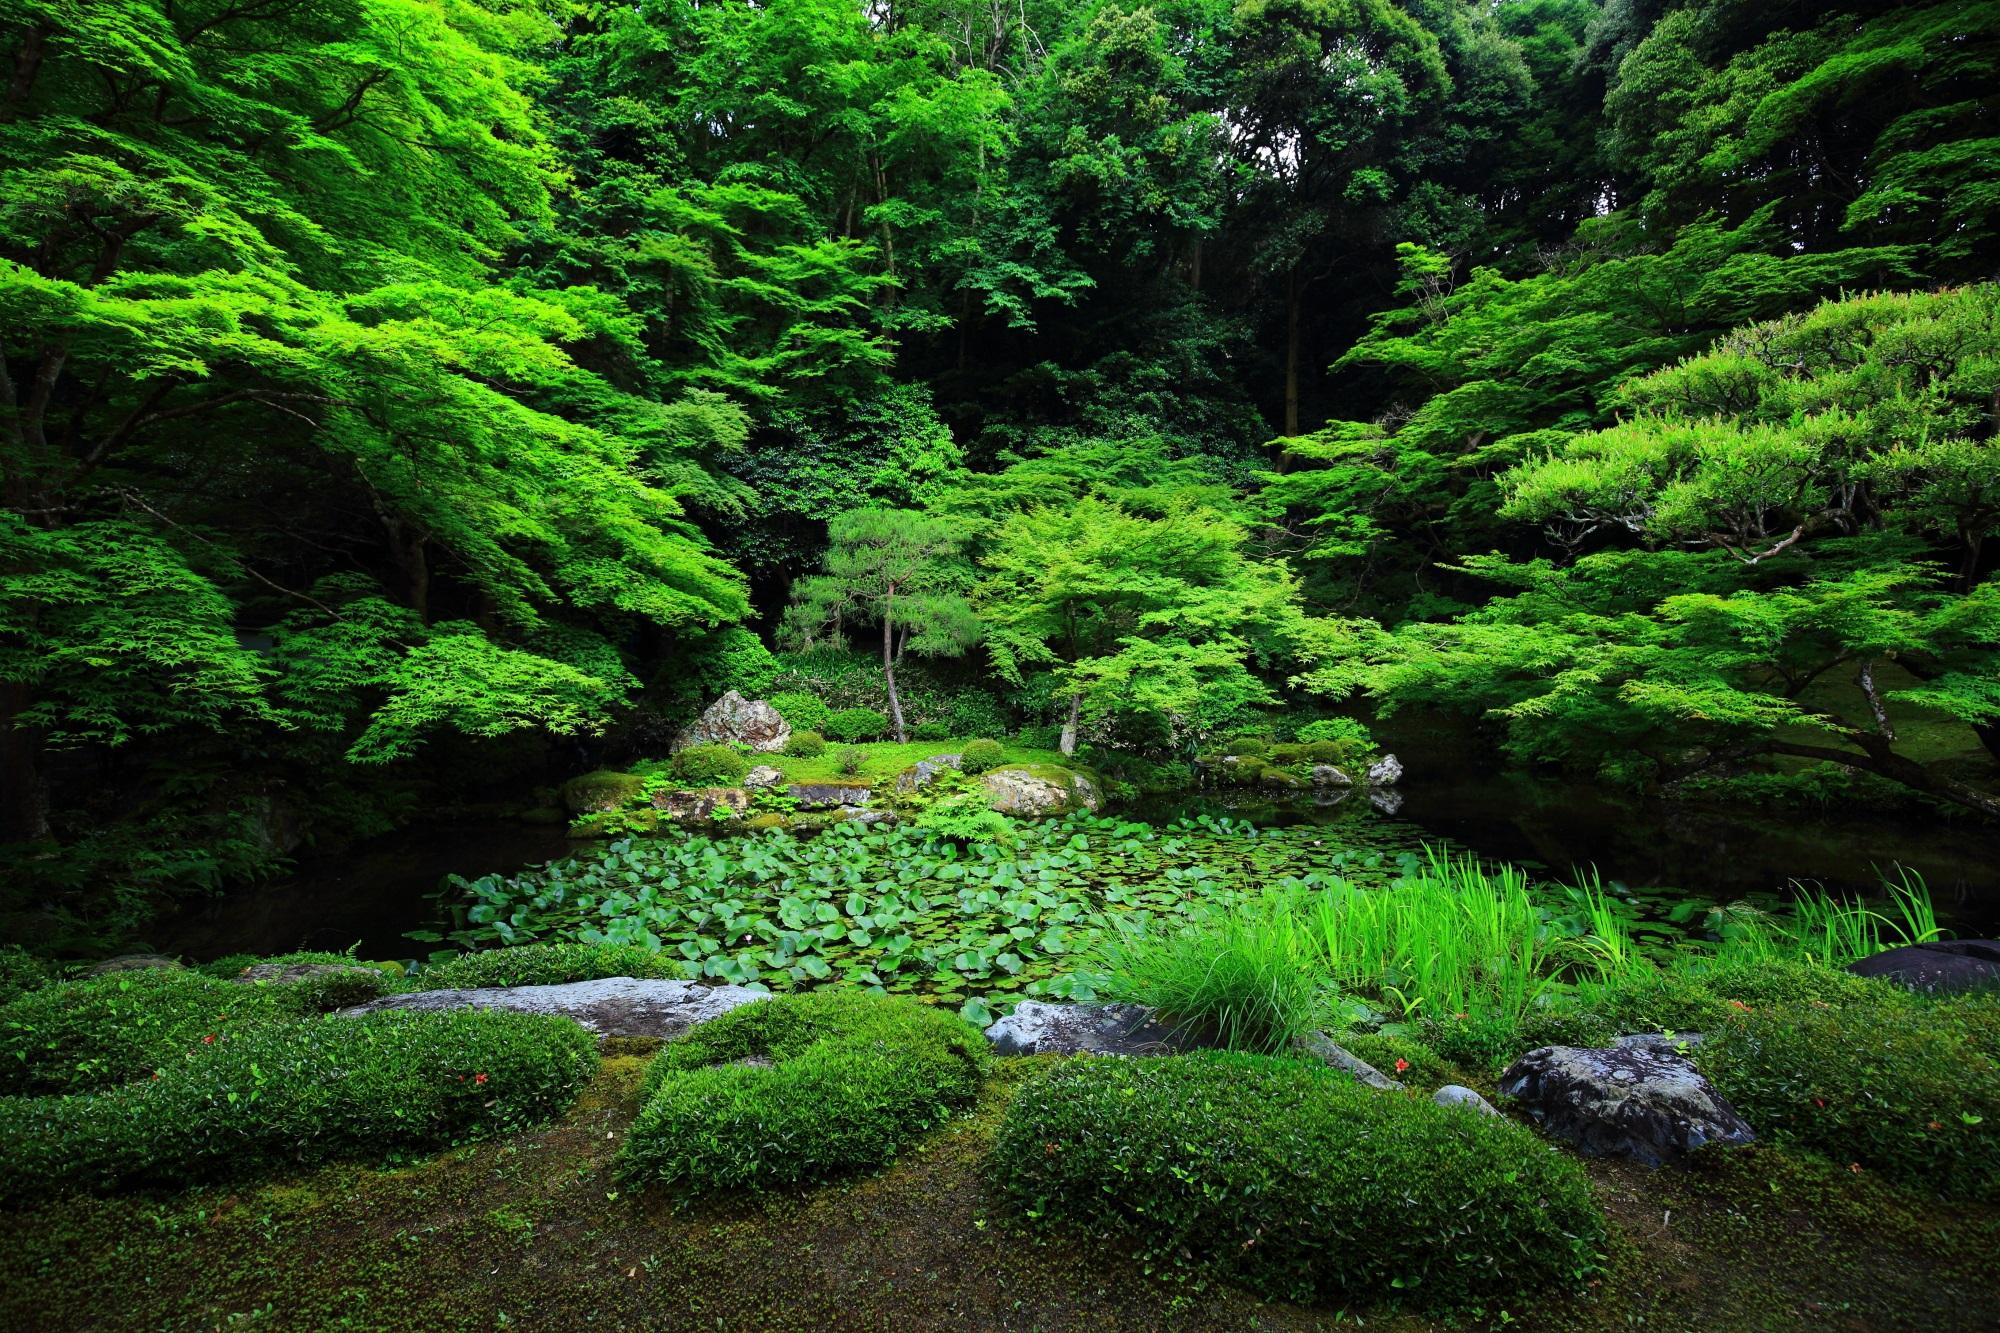 南禅院 青もみじ 南禅寺の深い緑の水辺の庭園